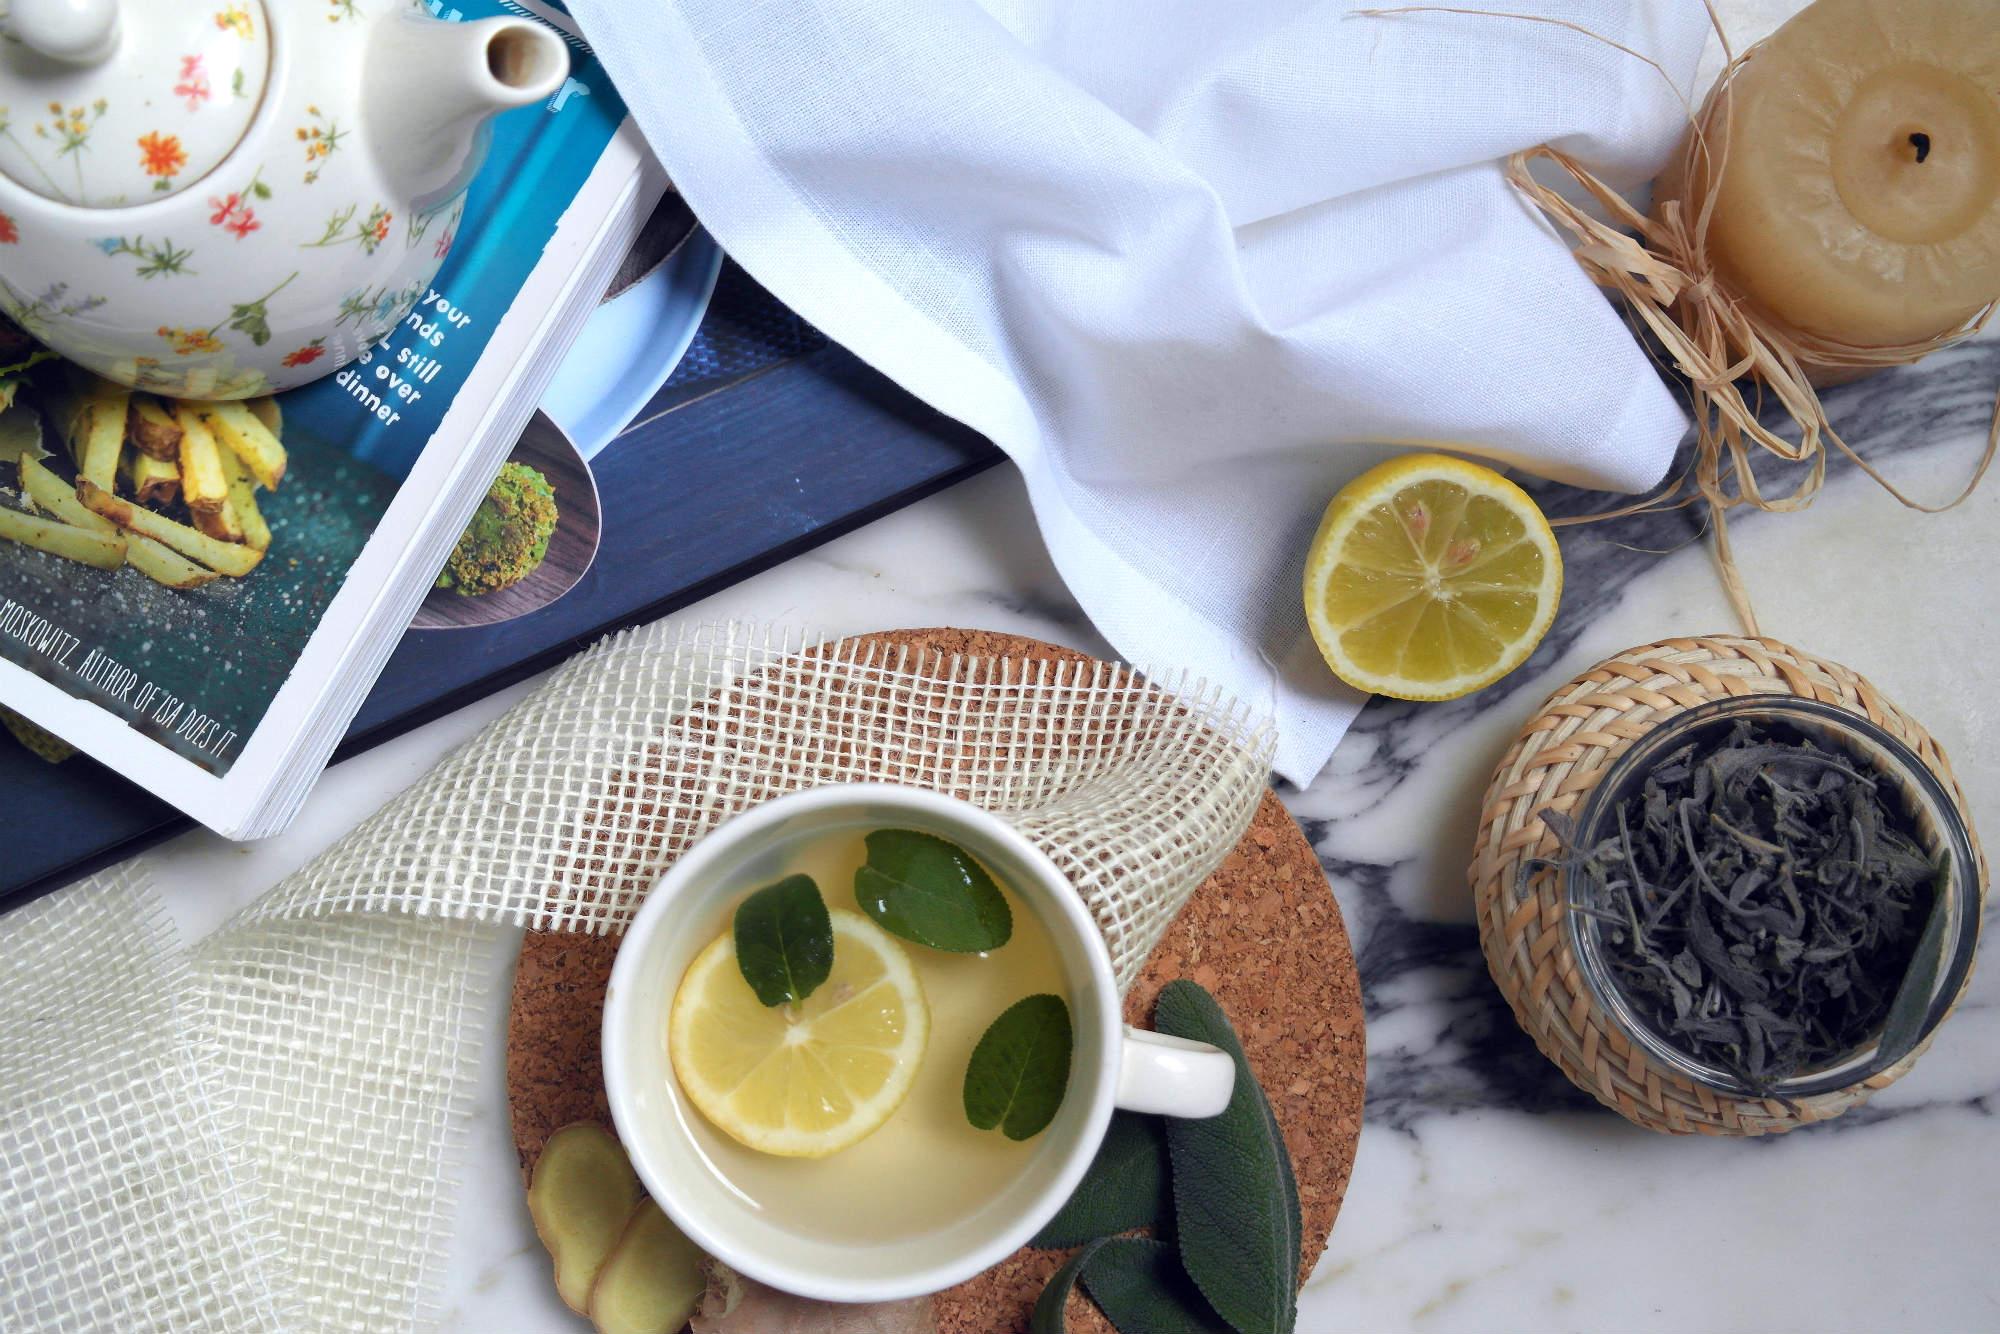 Ada çayı hazırlanışı ile Etiketlenen Konular